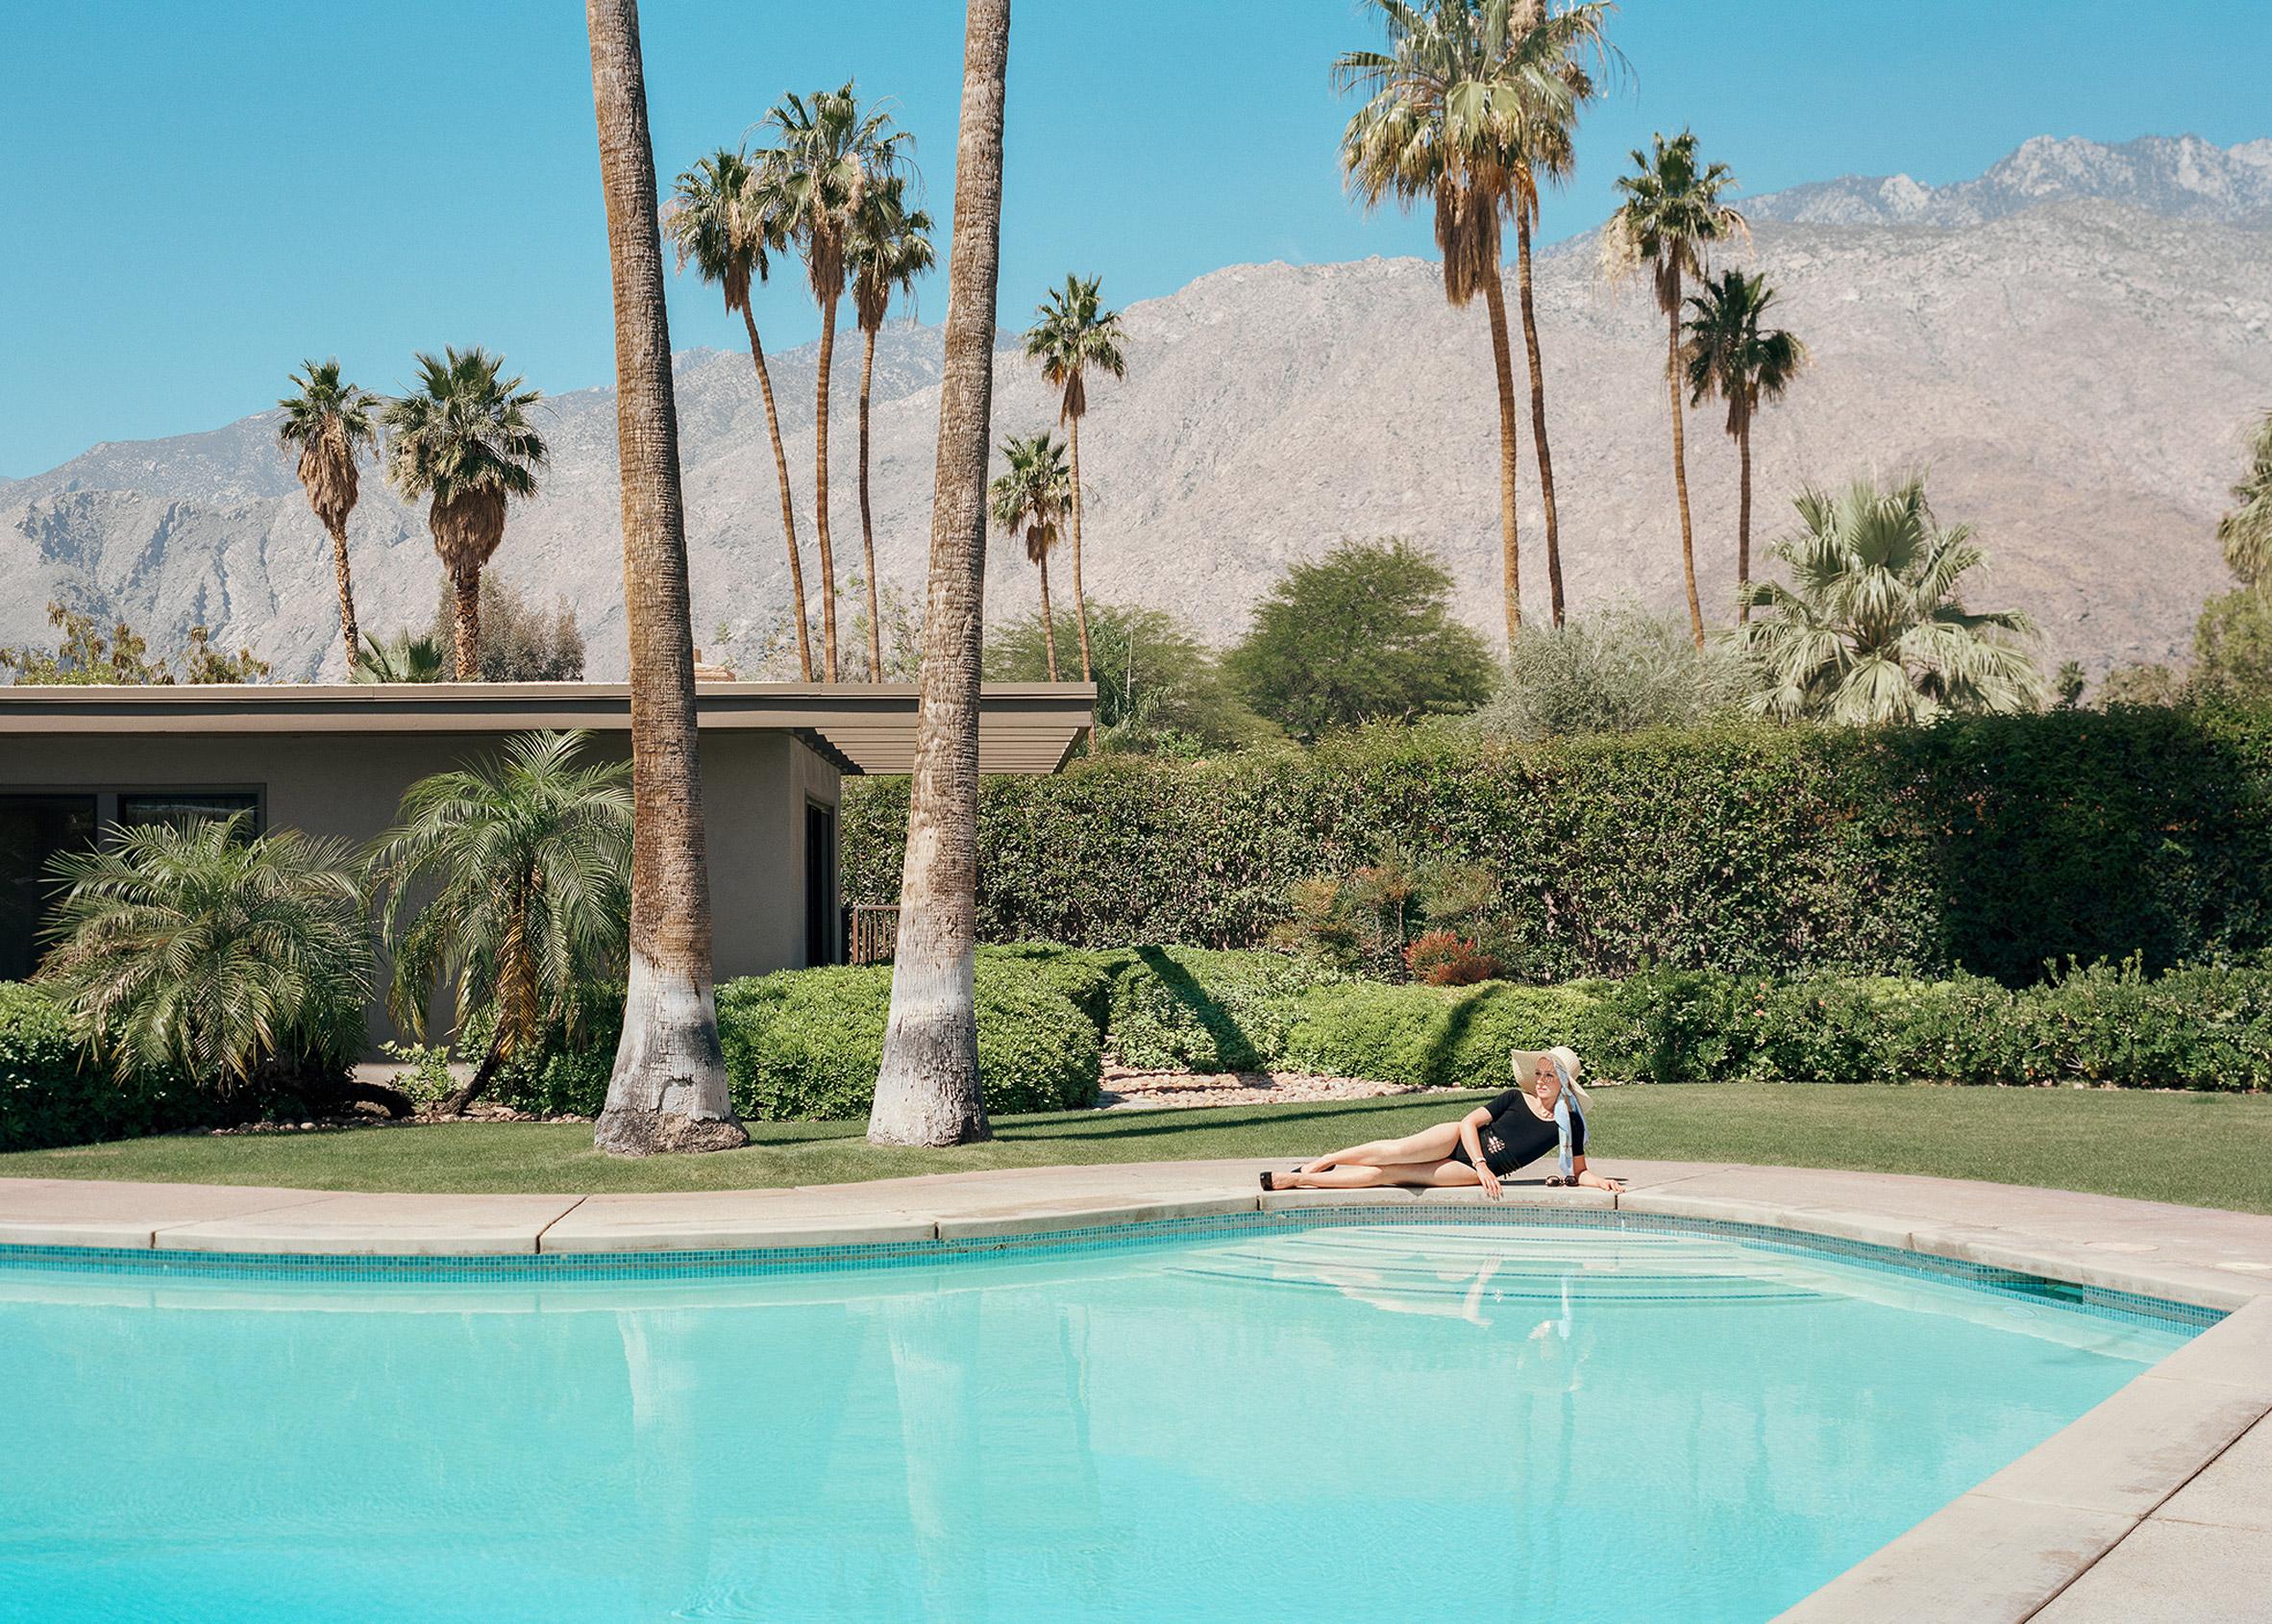 California Dreaming by Stephanie Kloss